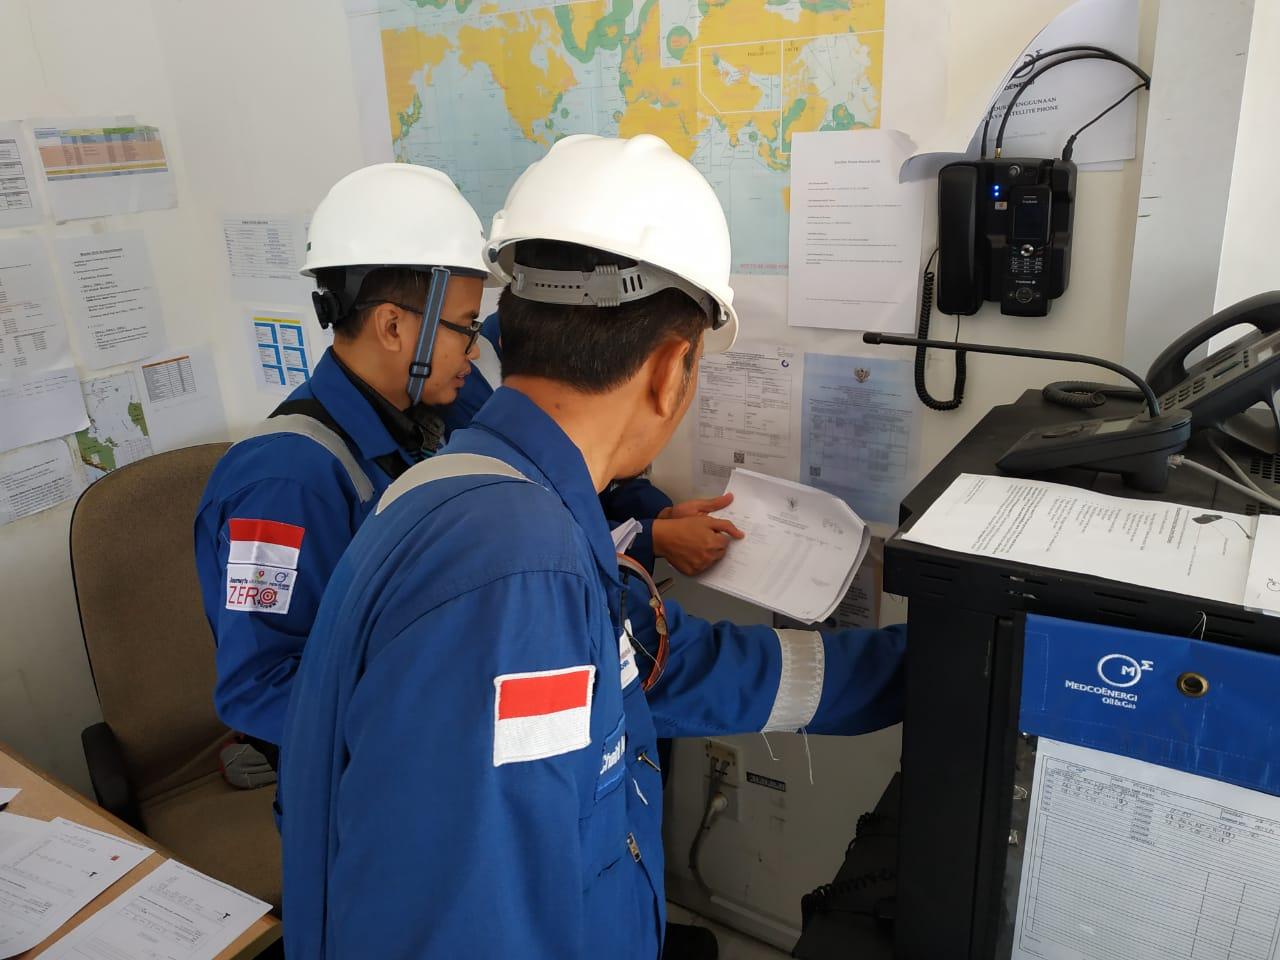 Penilaian Sewa BMN KKKS Medco E&P Natuna Ltd Bandar Udara Khusus Matak